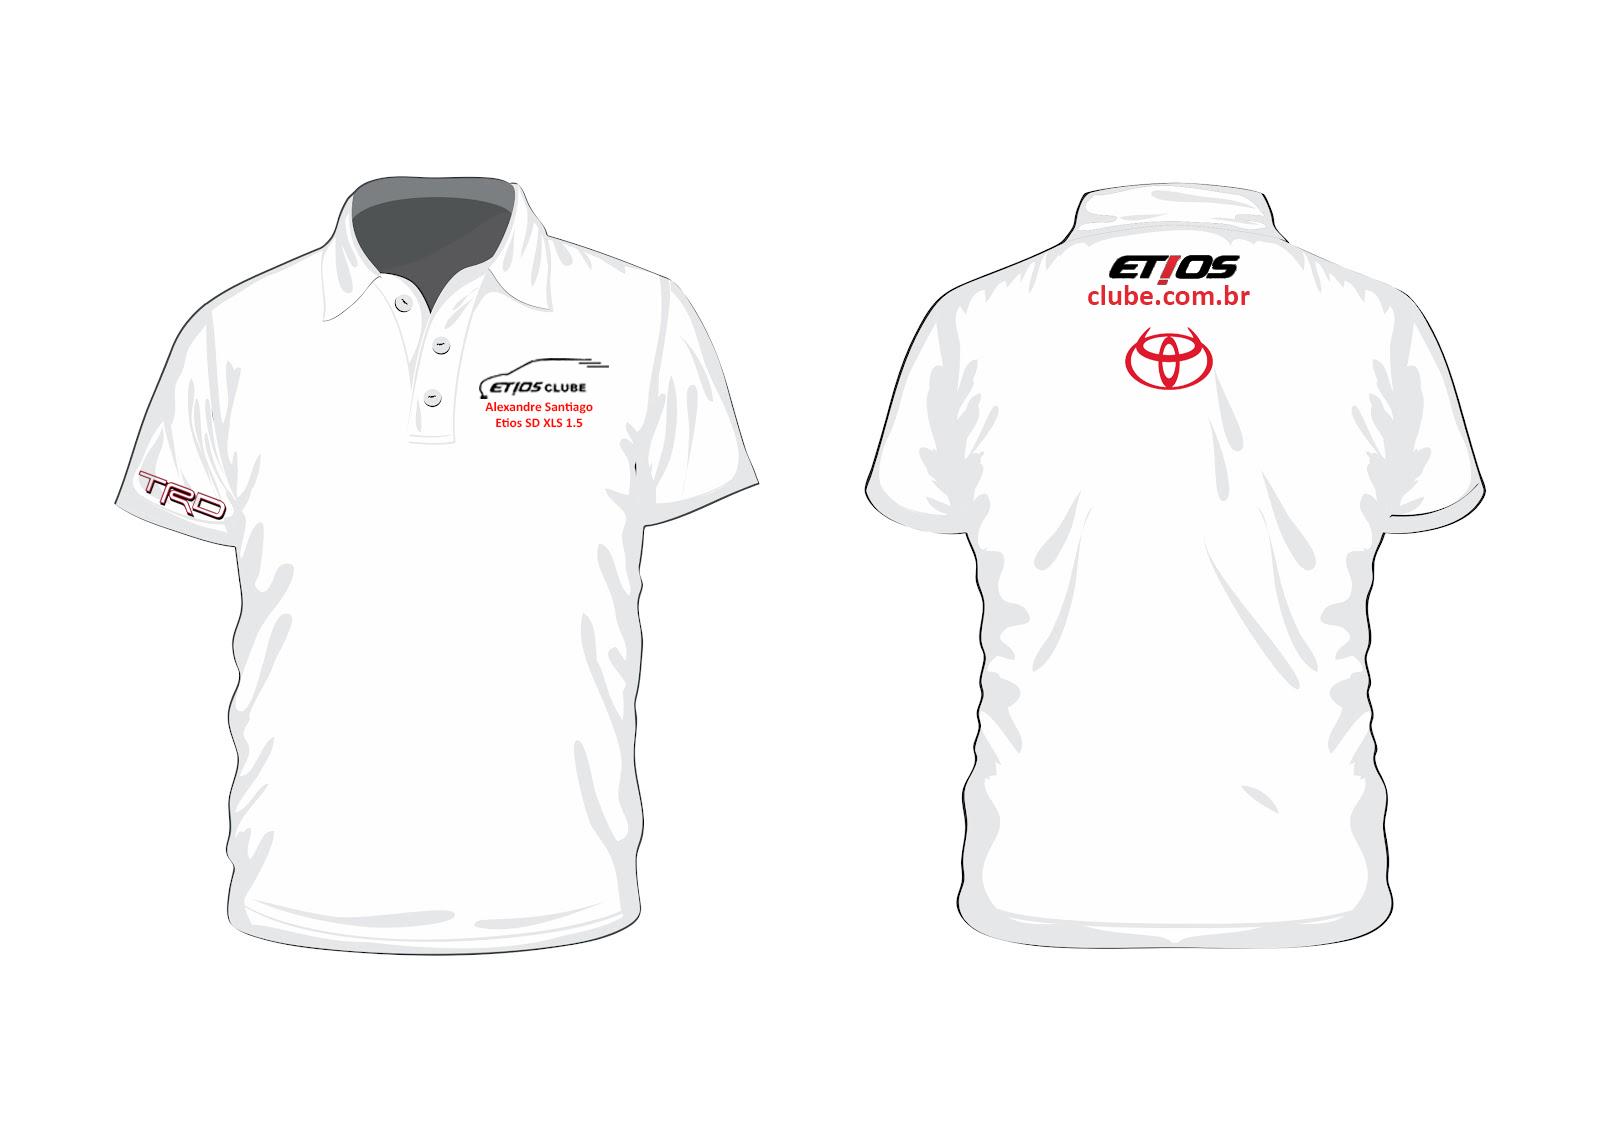 Novo Modelo de Camiseta do Clube 2v17rq9